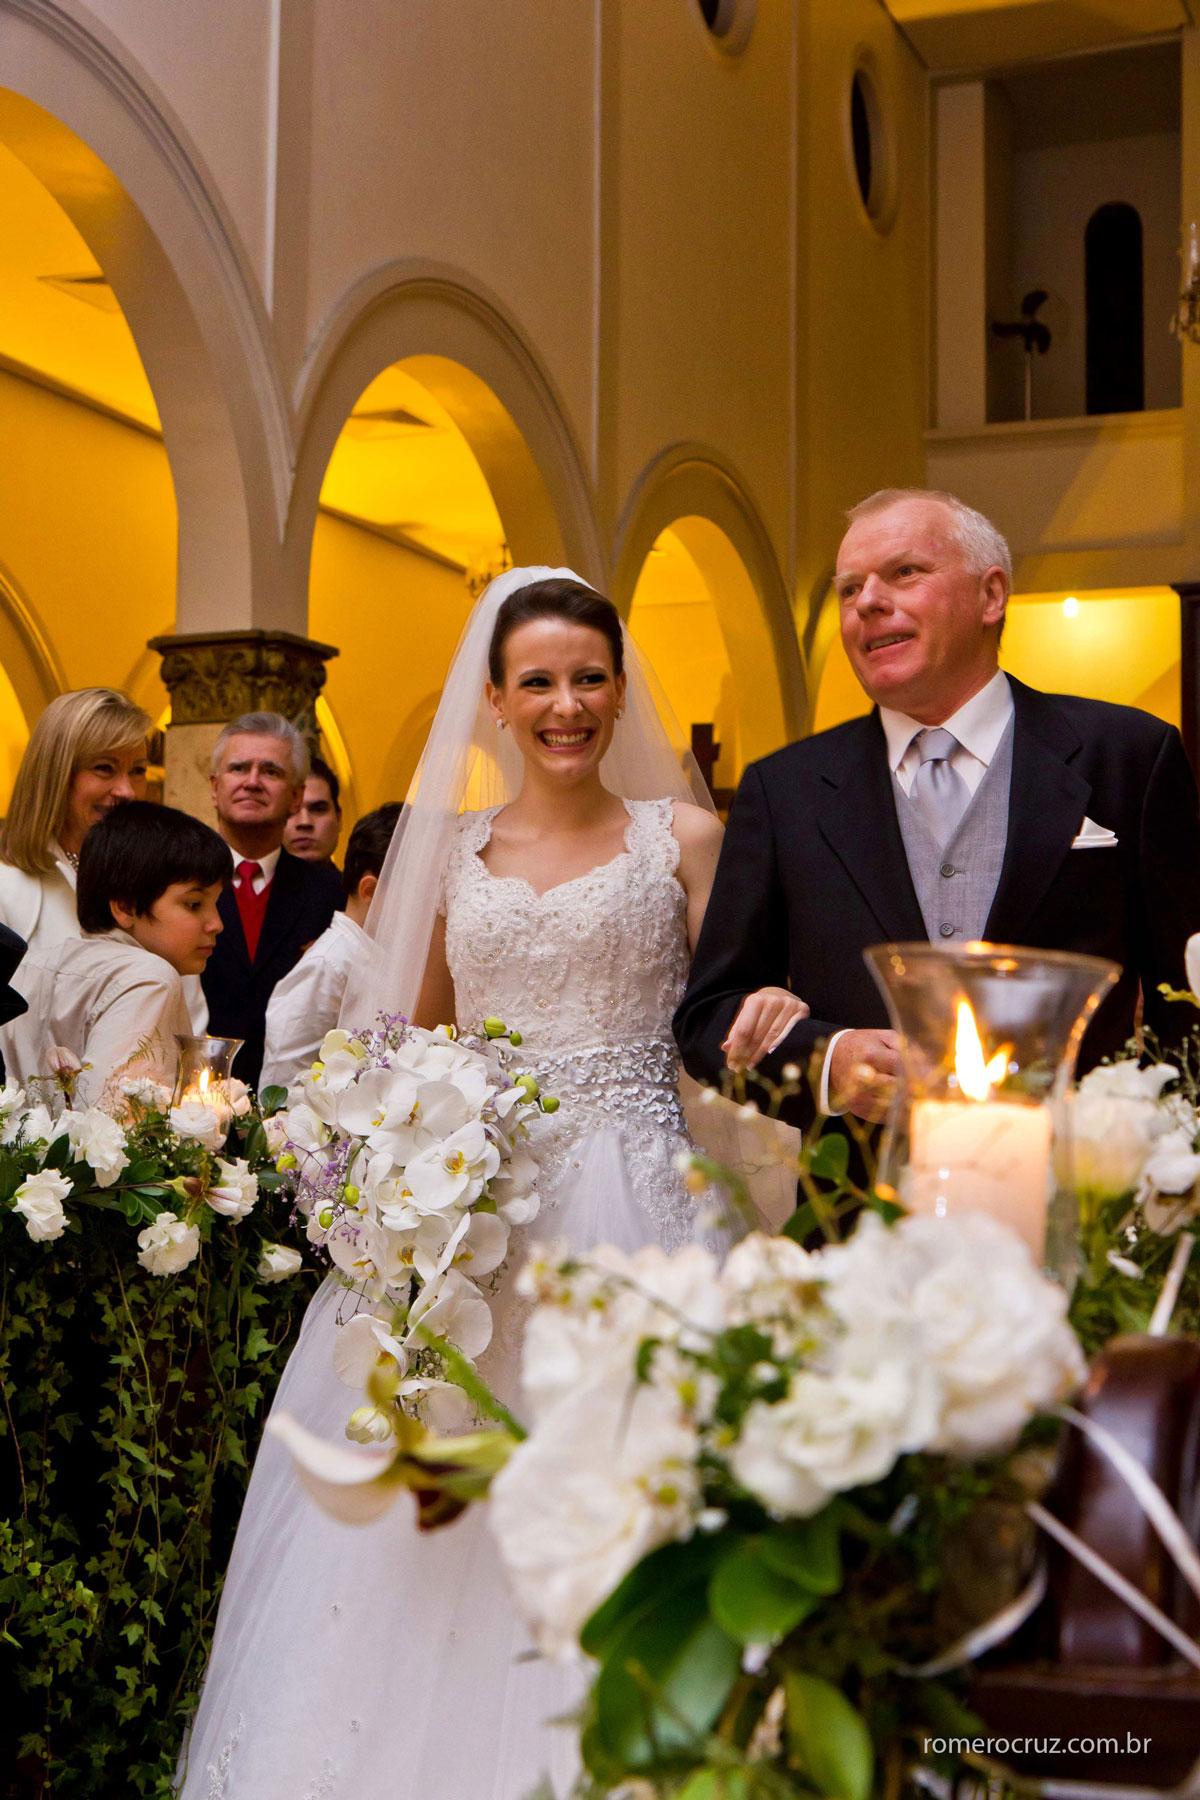 Entrada emcionante da noiva com seu pai